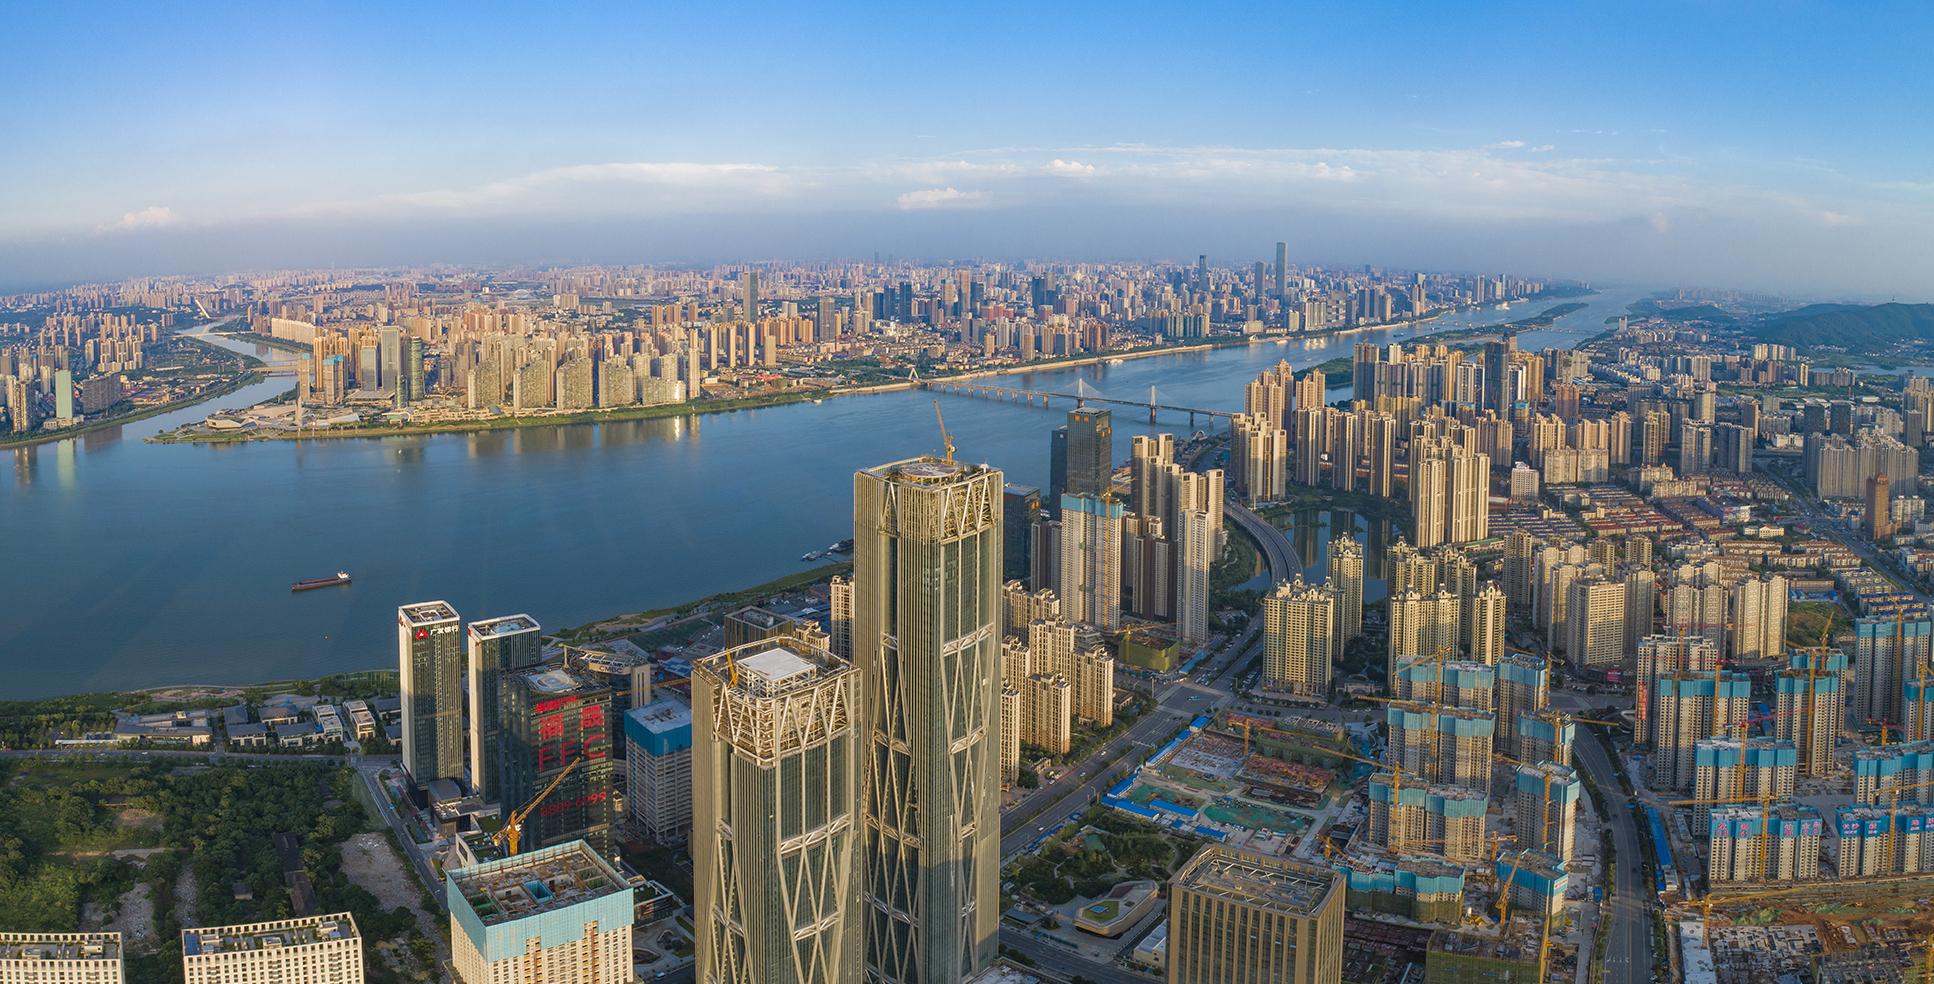 """湘江西岸,一座座摩天大楼刷新着城市的天际线。即将投入使用的湘江财富金融中心(FFC)以328米的高度,成为长沙河西的第一高楼,不断""""长高""""的城市天际线,将再添一道地标。长沙晚报全媒体记者 罗杰科 摄"""